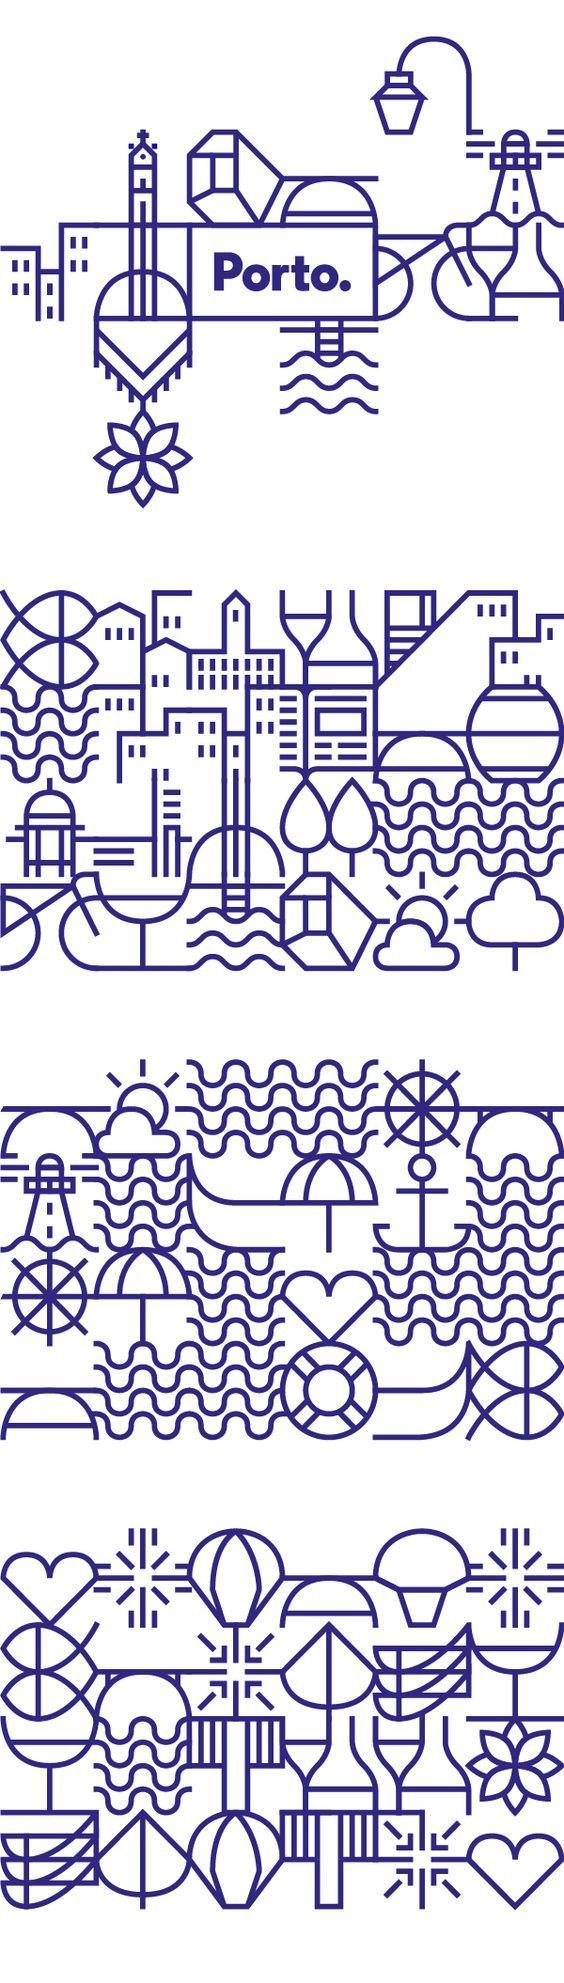 Le studio portugais White réalise la nouvelle identité pour la ville de Porto.Le défi présenté était très clair : la ville avait besoin d'un système visuel, une identité visuelle qui...: